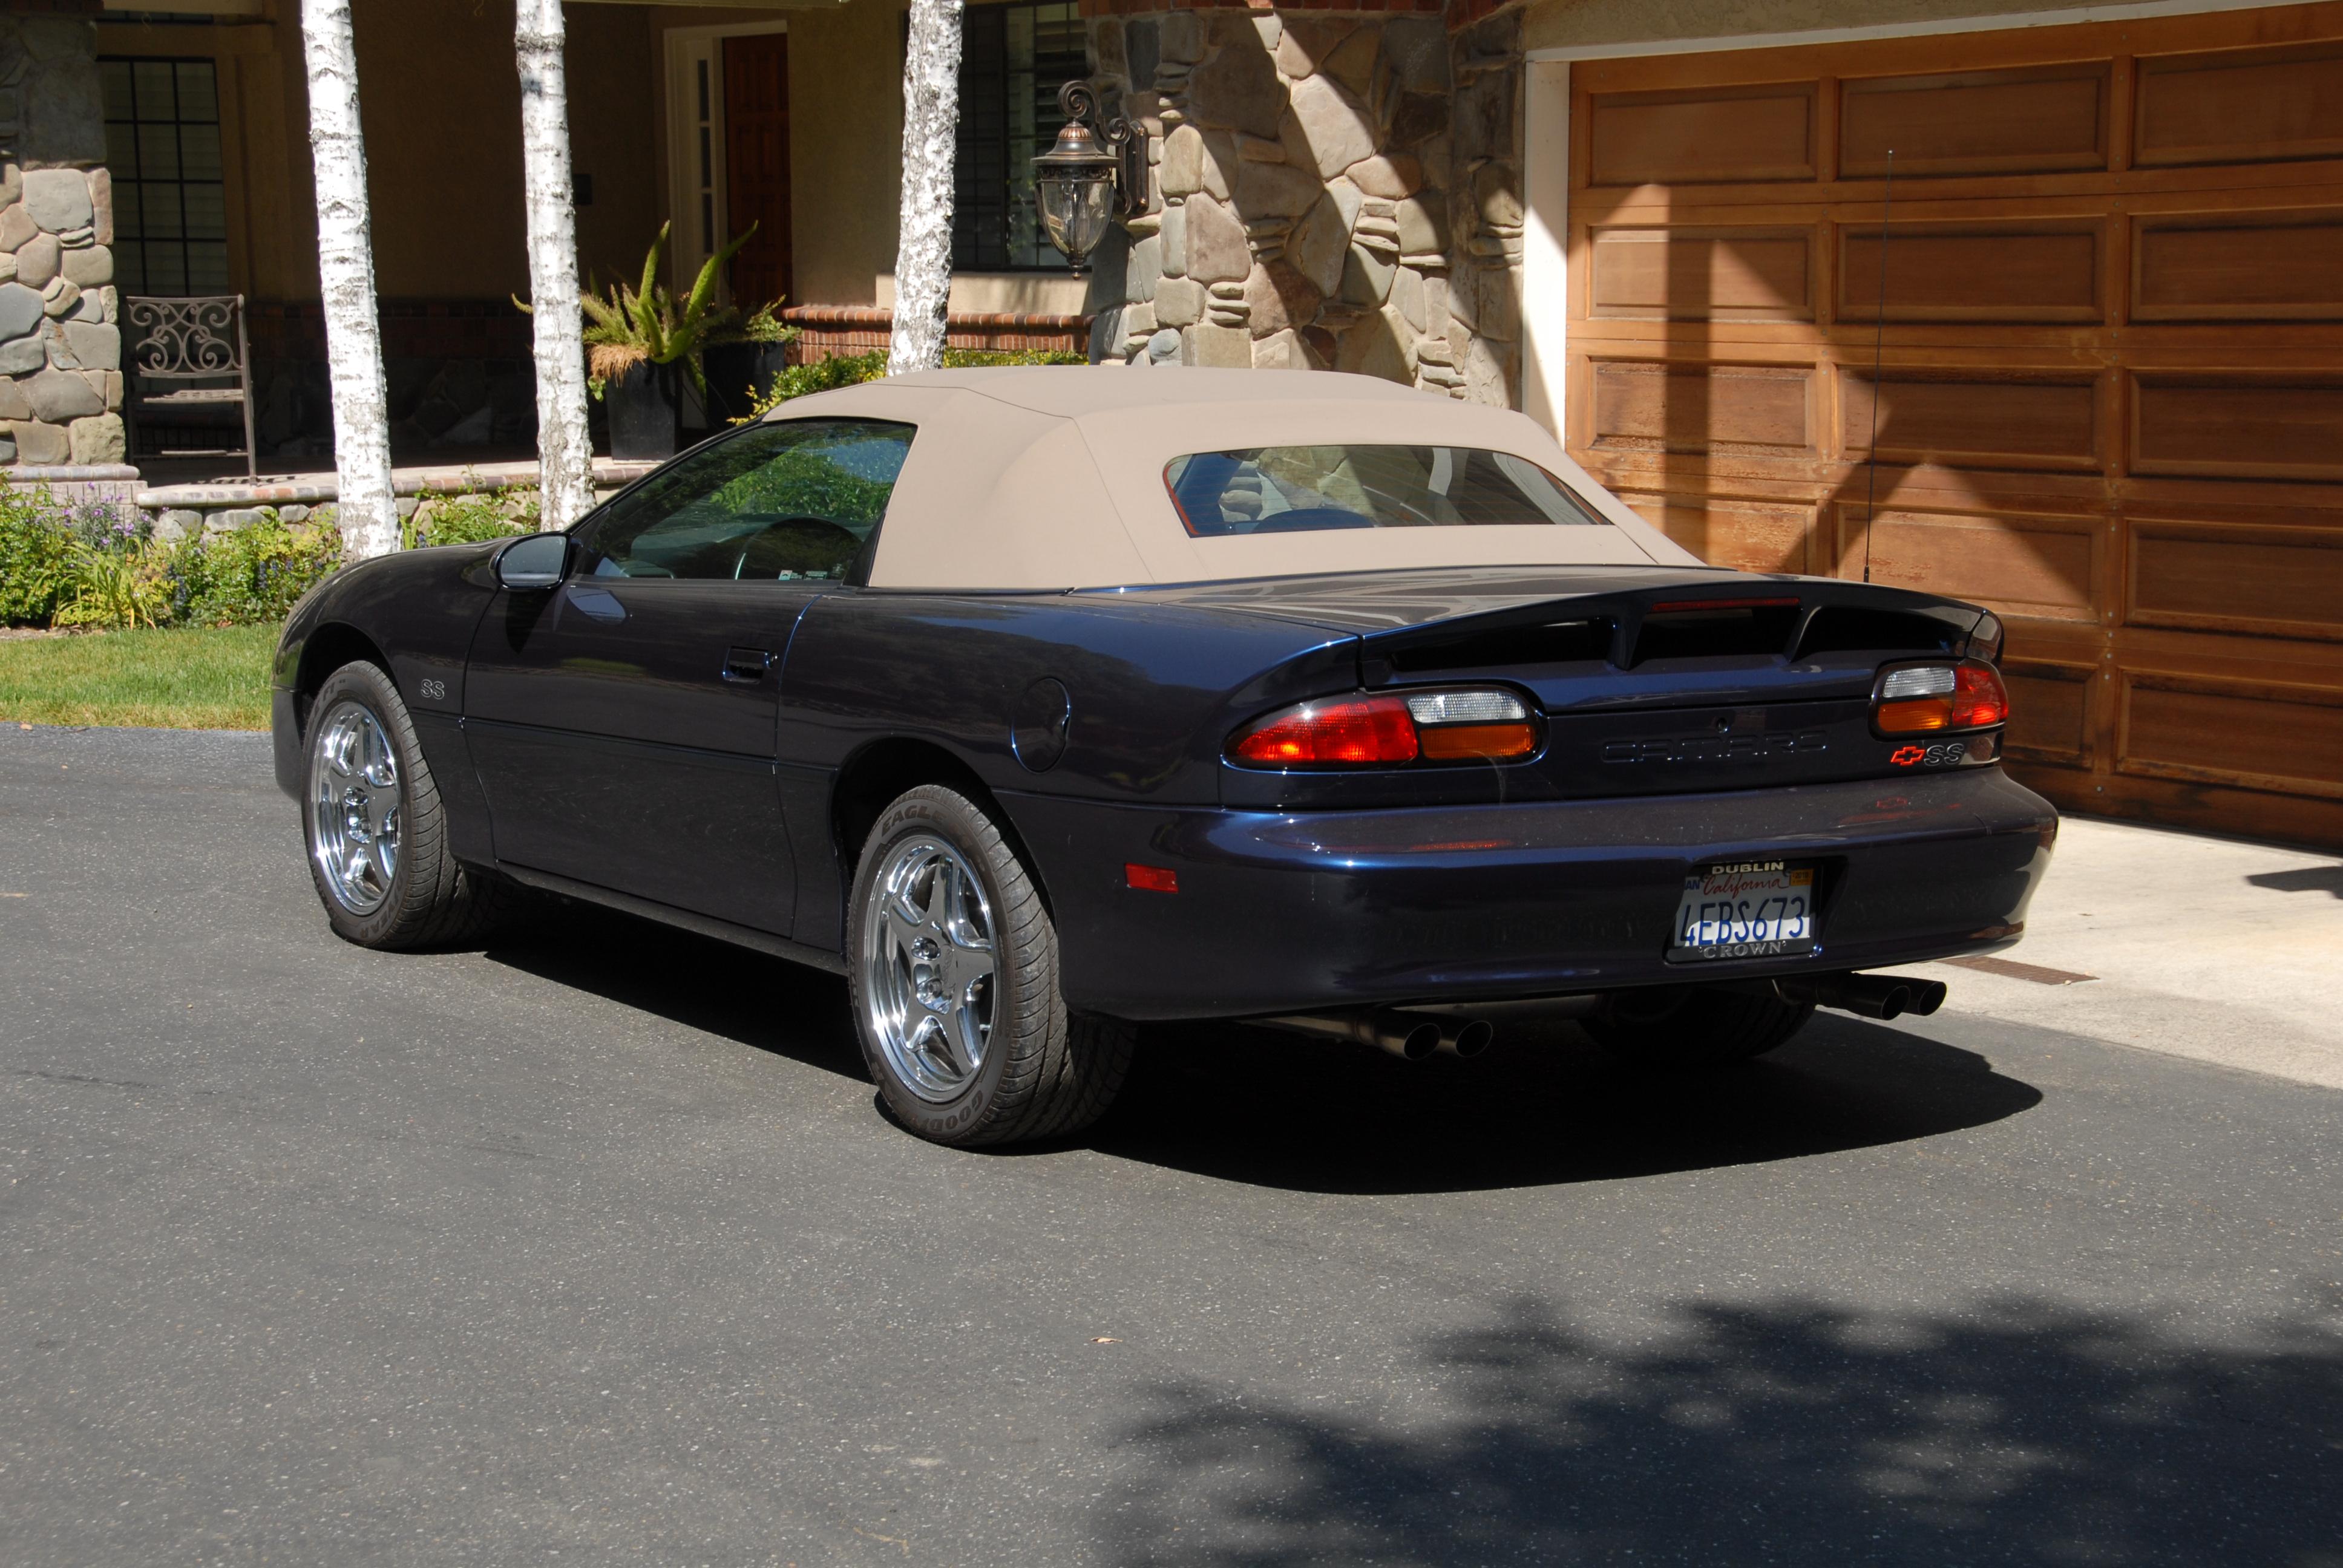 1999 Camaro SS Convertible